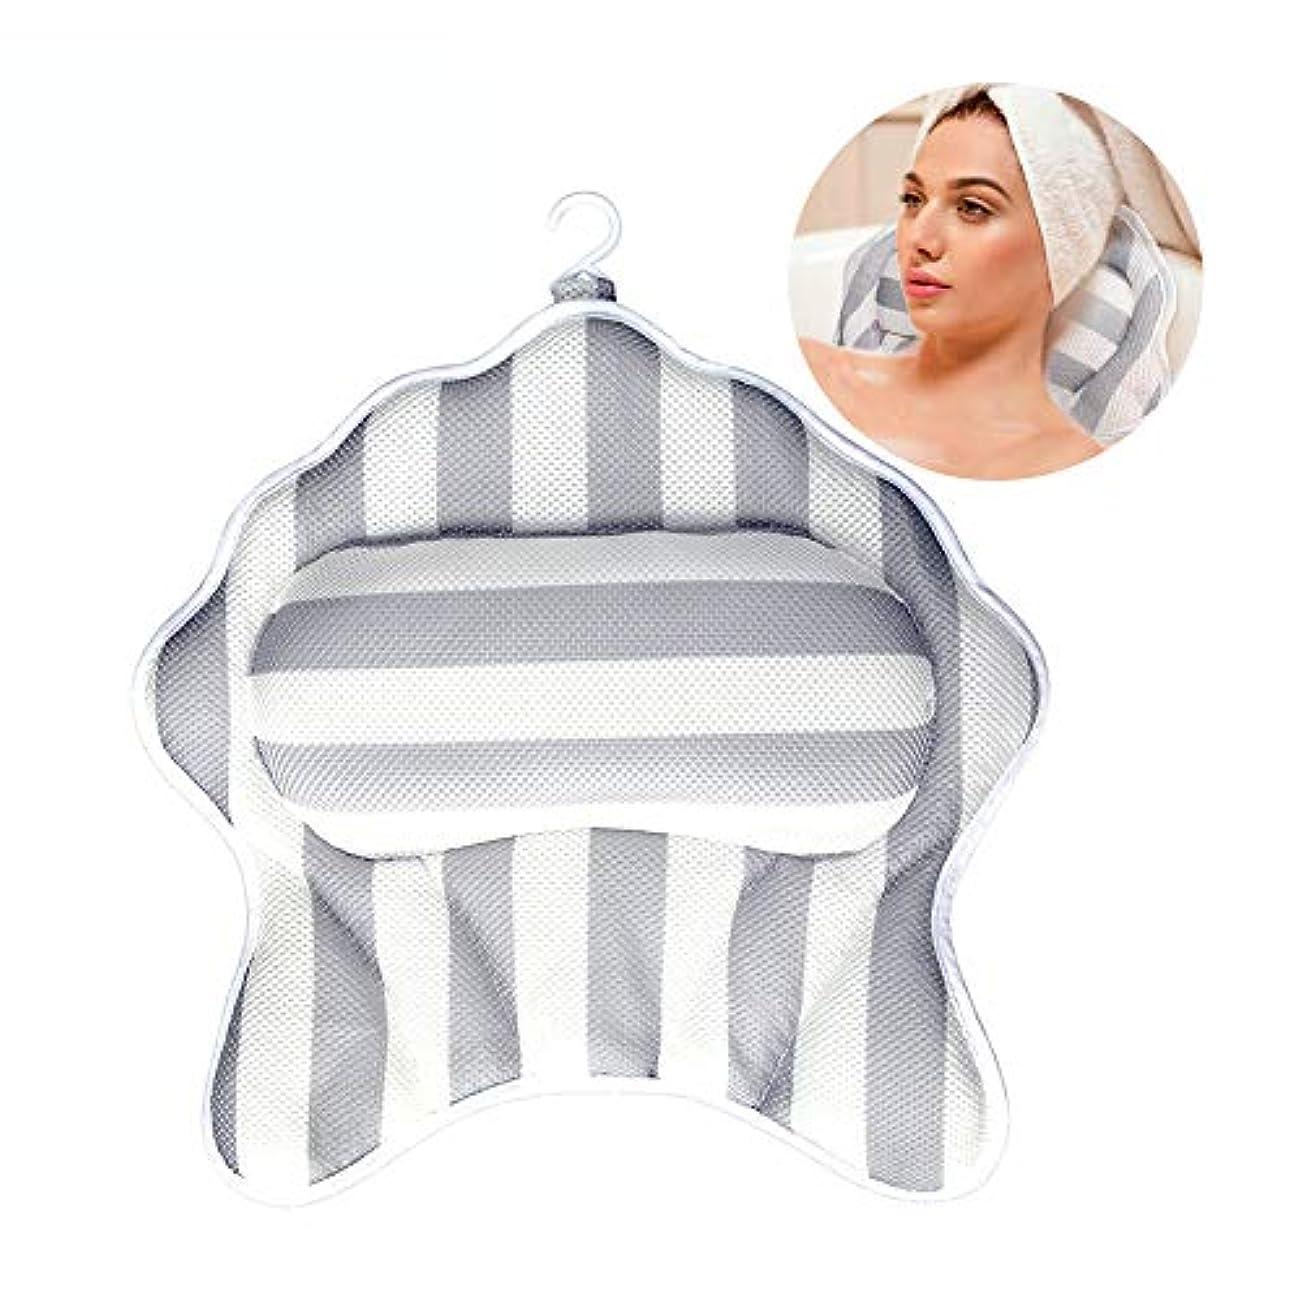 プロット活発論理的3dメッシュヒトデスパマッサージバスタブ枕浴室枕クッションwith6強い吸引カップは洗濯機で洗えます